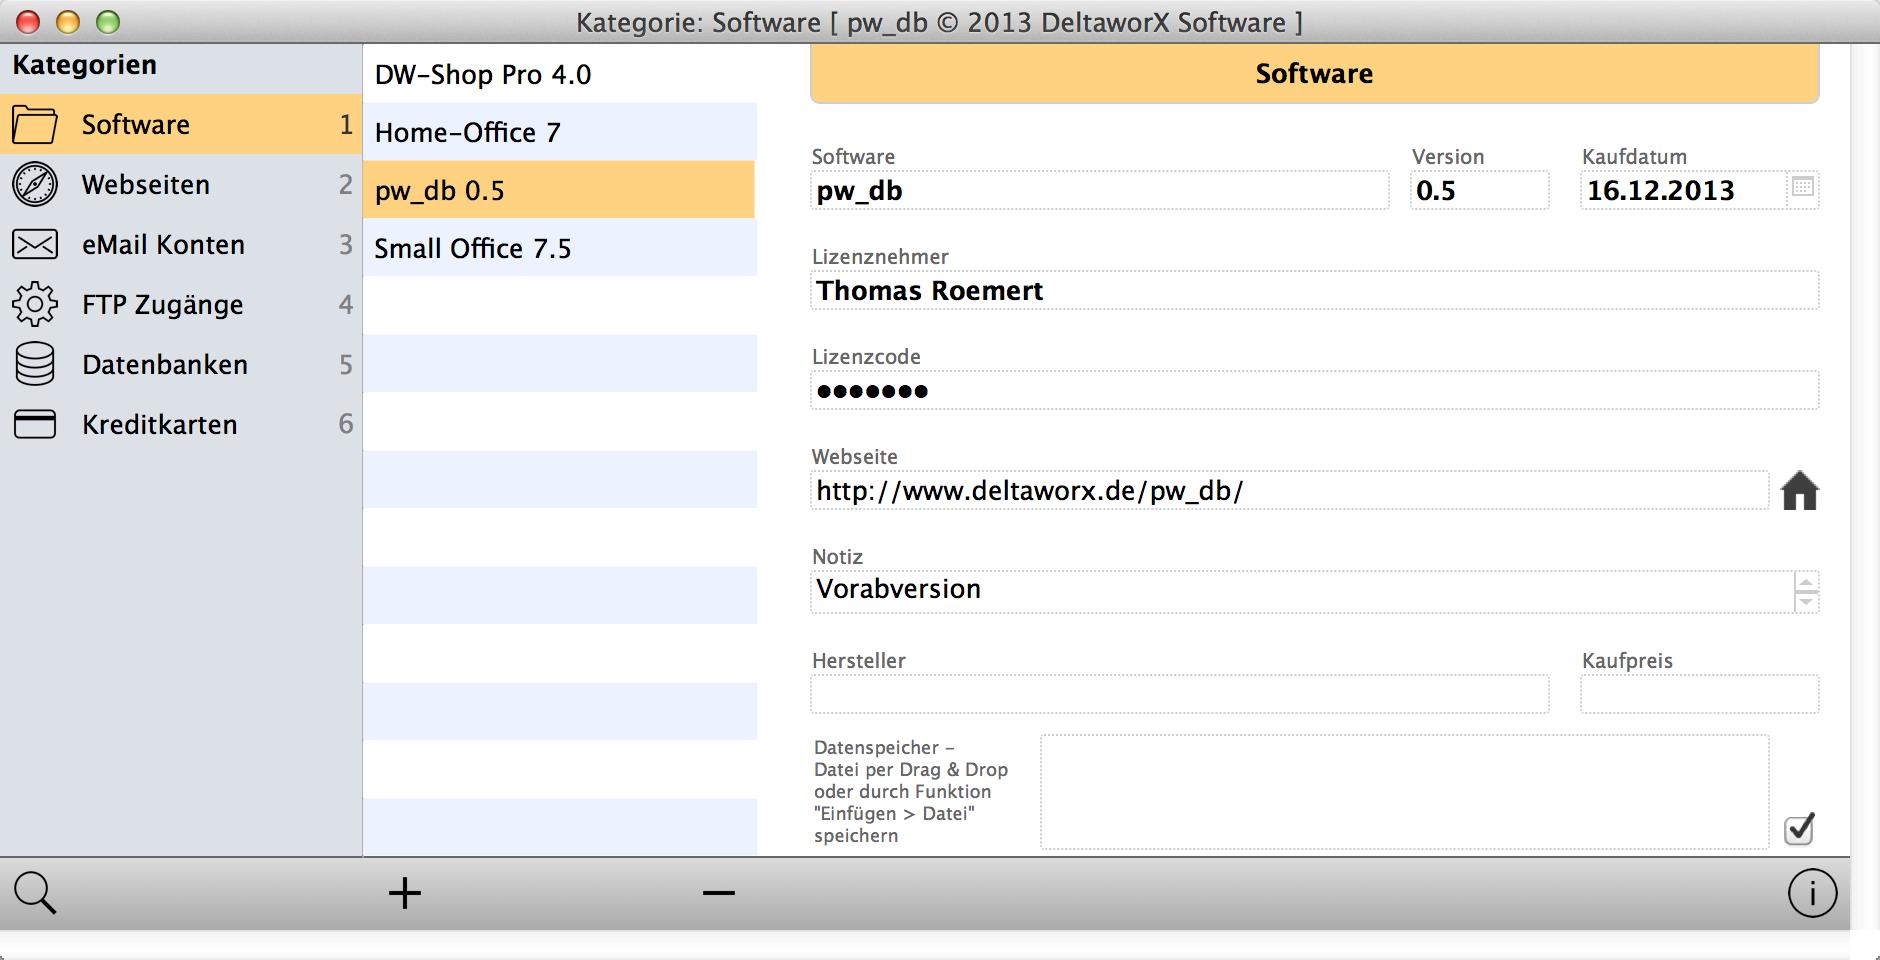 Softwarelizenzen, Zugangsdaten für Webseiten, eMail Accounts, FTP-Konten – überall benötigt man Kennwörter und Anmeldedaten. Wer auf Nummer Sicher gehen möchte benutzt überall andere Zugangsdaten – die man sich dann allerdings kaum alle merken kann. An dieser Stelle setzt pw_db (kurz für Password Database) an: hier können Sie an einer Stelle alle Ihre Daten speichern und jederzeit wieder abrufen. pw_db 0.6 ist weiterhin eine Vorversion, die wir zu Testzwecken bereitstellen. Bitte beachten Sie, das die Software derzeit als Vorversion noch ohne Anleitung und nur in der Version ohne FileMaker Runtime mit aktiver Dateiverschlüsselung zur Verfügung steht. Lizenzdaten für einen weitergehenden Test können bei uns per eMail angefordert werden. Wir würden uns über Anregungen und Verbesserungsvorschläge sehr freuen. pw_db 0.6 basiert auf Filemaker Pro 13 und setzt mindestens MacOS X 10.7 voraus. Eine Version für Windows erscheint in Kürze. pw_db kann auch mit FileMaker Go 13 auf einem iPad verwendet werden. FileMaker Go 13 ist kostenlos im App Store erhältlich und wird zur Nutzung auf dem iPhone/iPad vorausgesetzt. Neu in Version 0.6 Anpassungen für die Benutzung mit einem iPhone (angepasste Bildschirmgröße) Version für FileMaker Pro 13 / Go 13 mit aktivierter Dateiverschlüsselung (AES-256 Verschlüsselung) Download